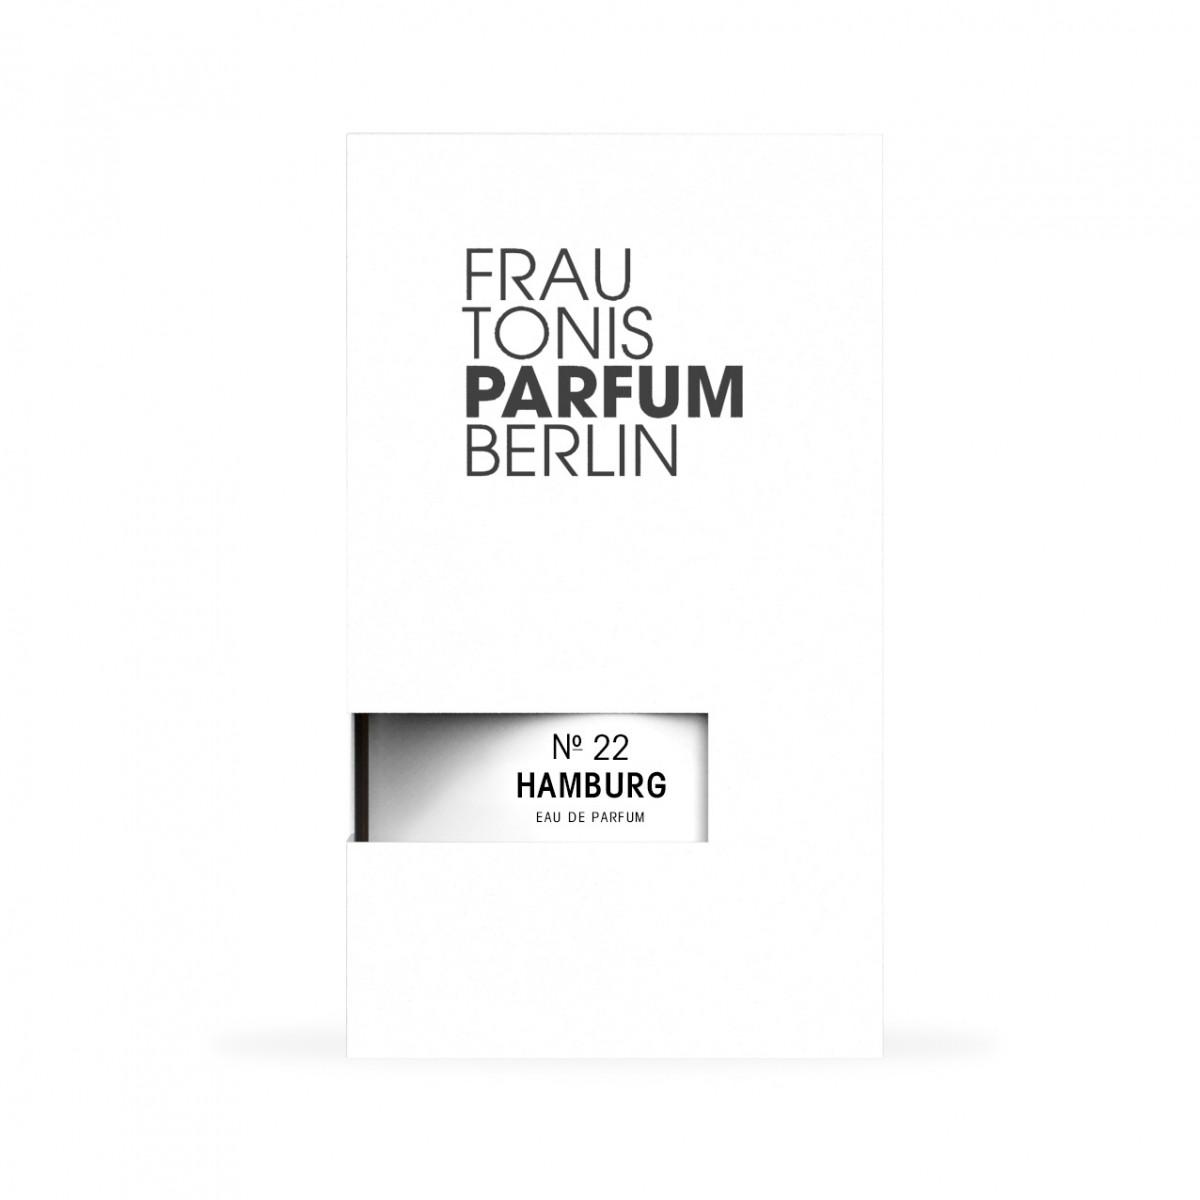 No. 22 Hamburg | Eau de Parfum (50ml)